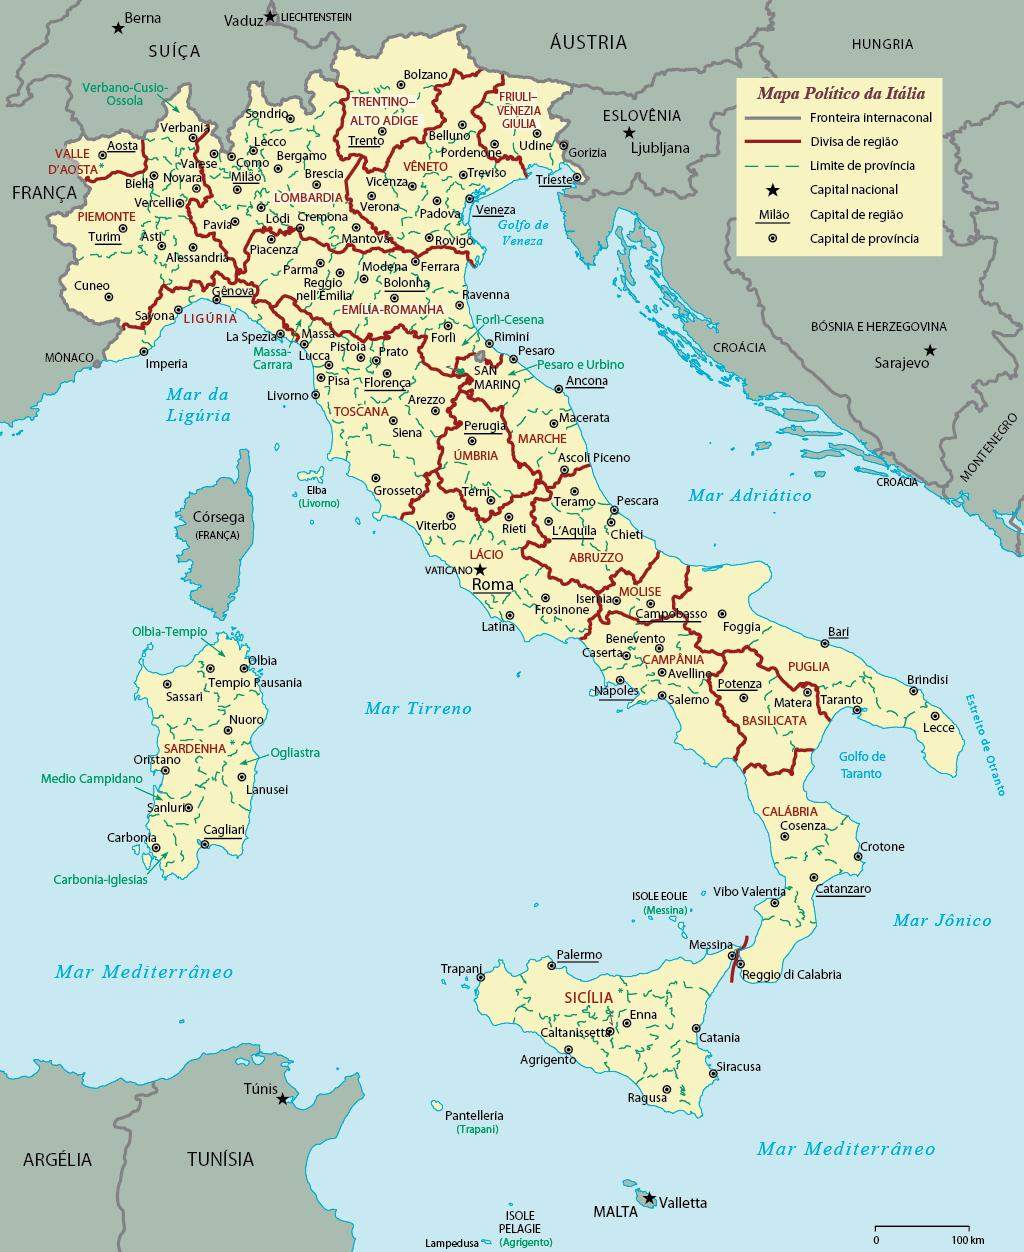 Mapa Politico Da Italia